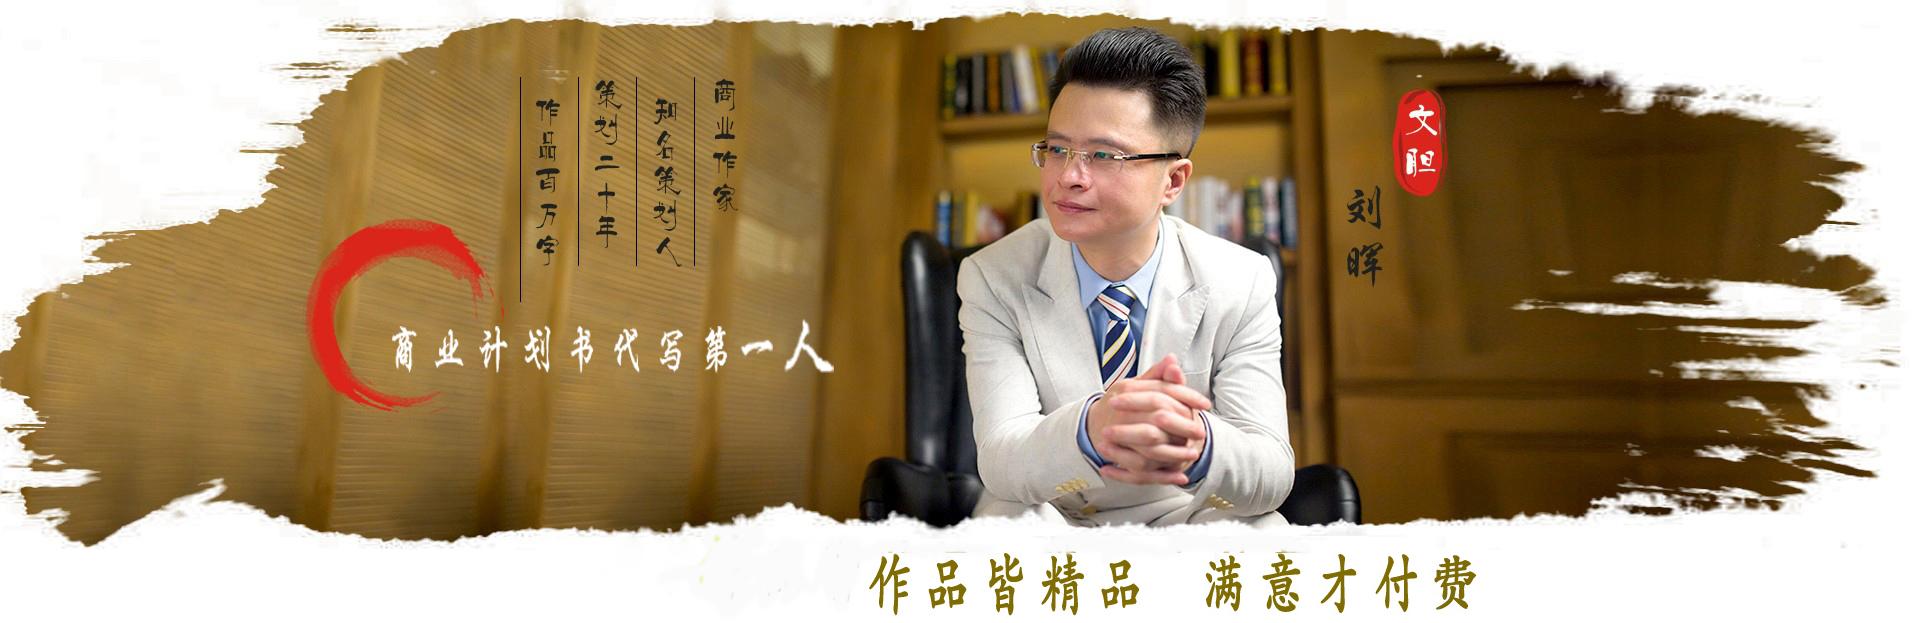 商业计划书,就在文胆刘晖